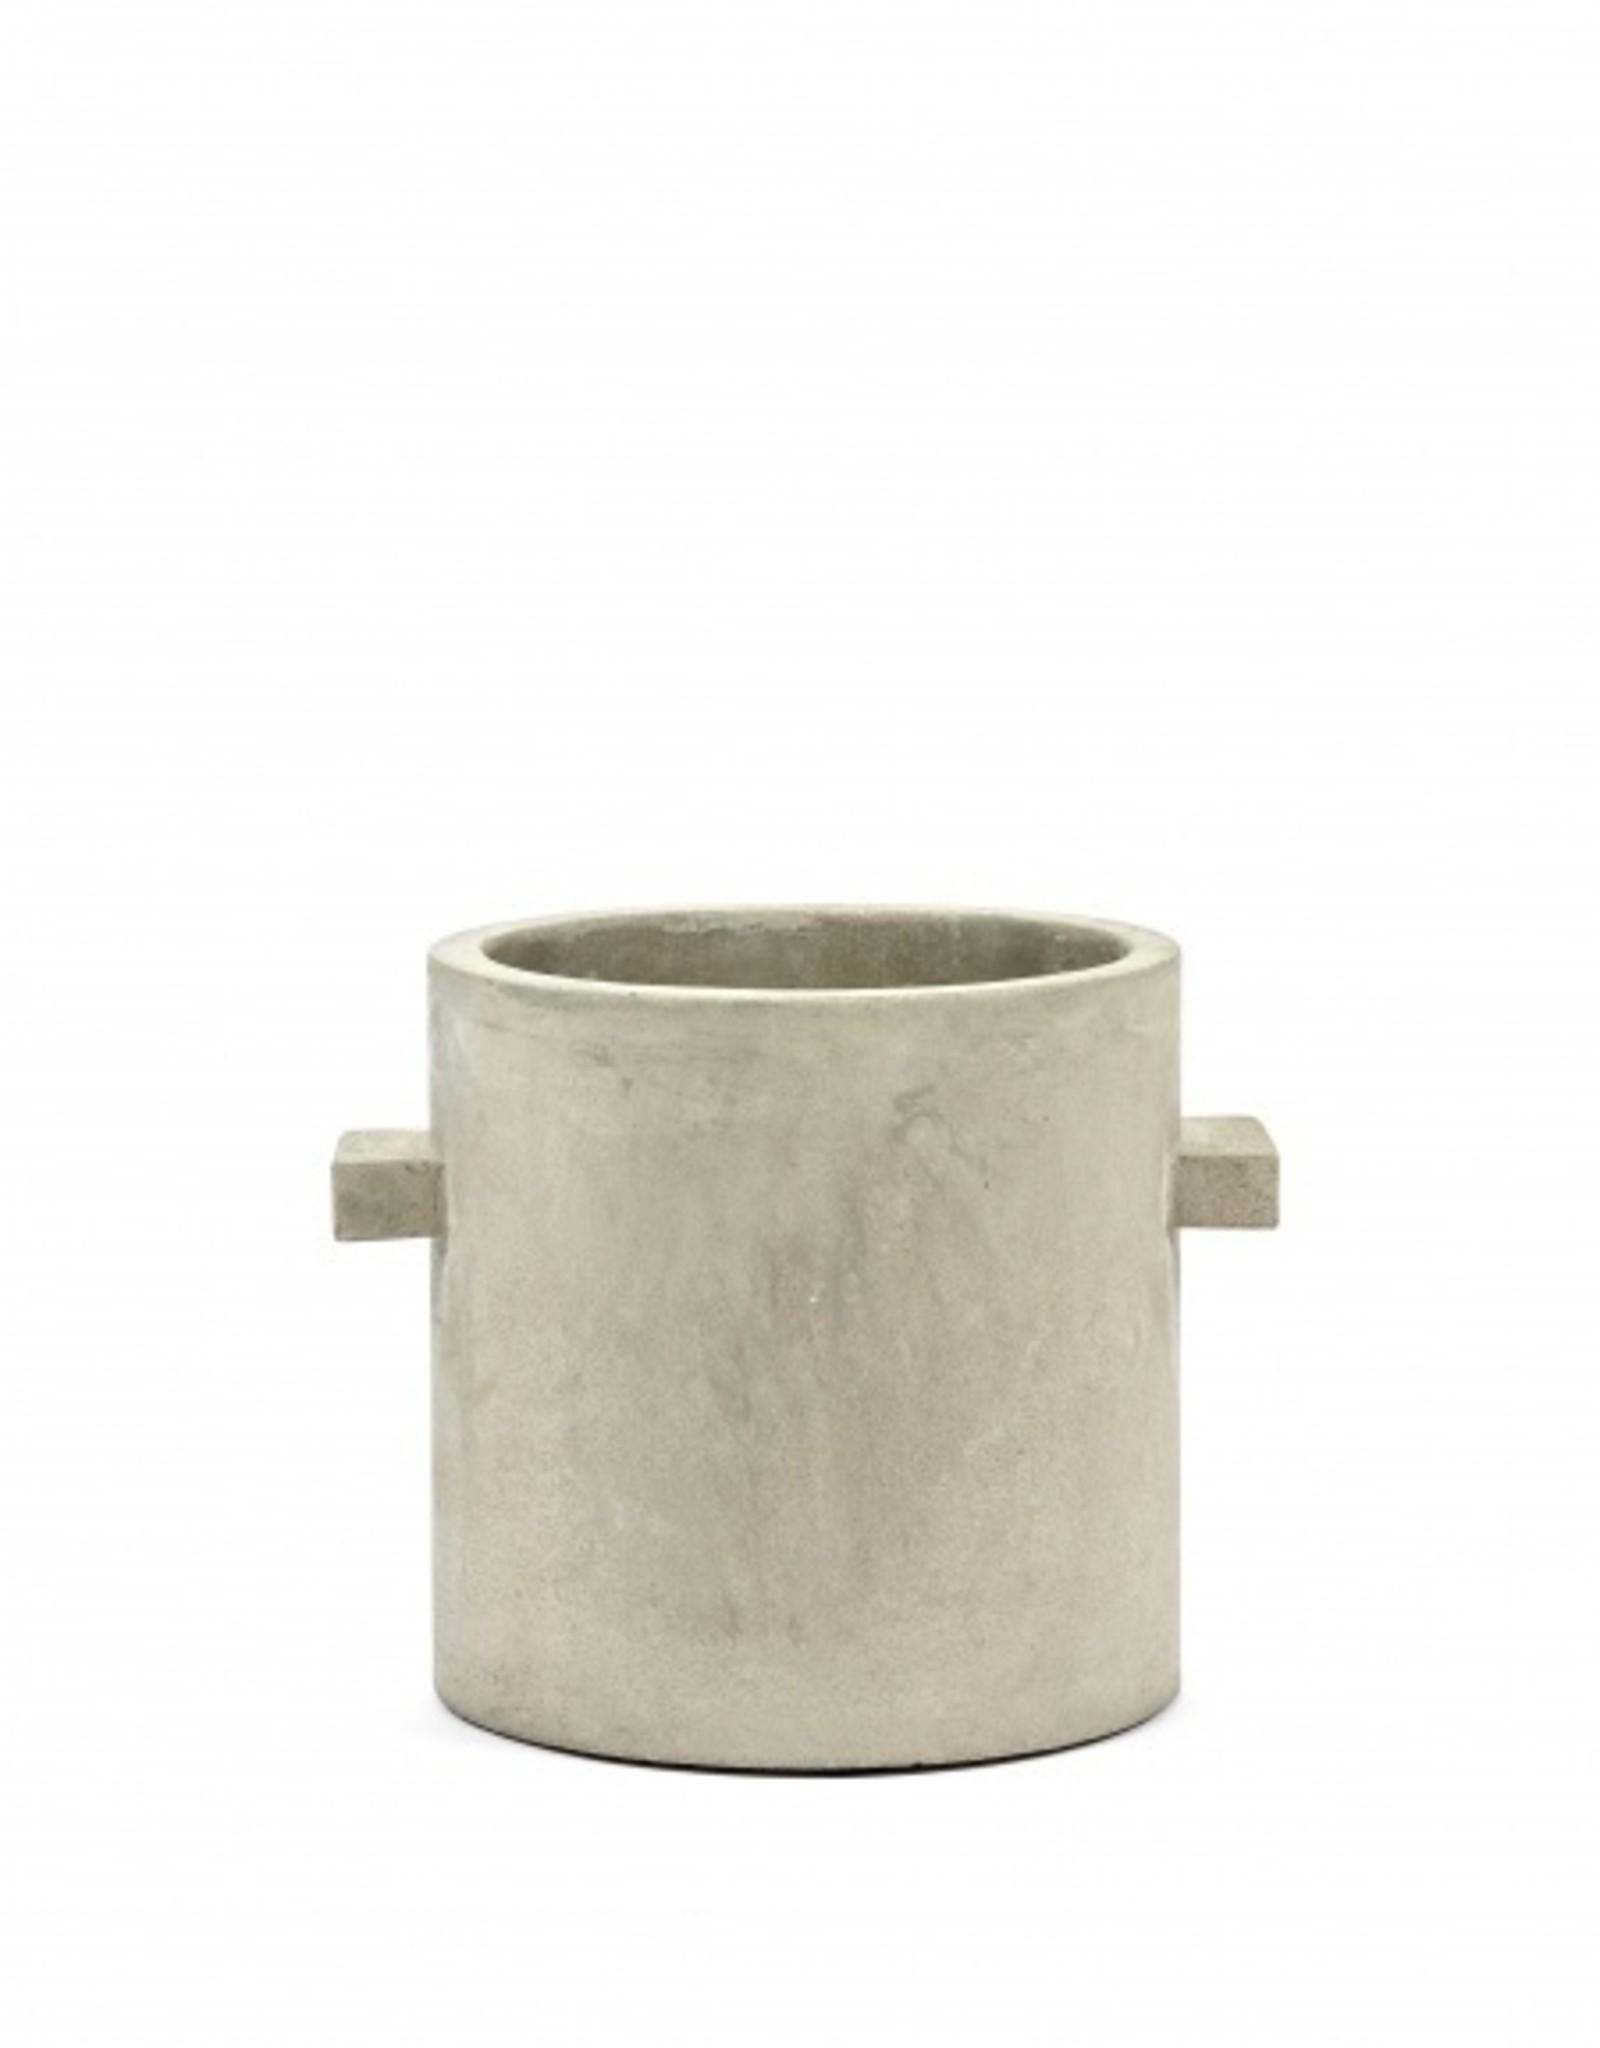 Serax Pot Small